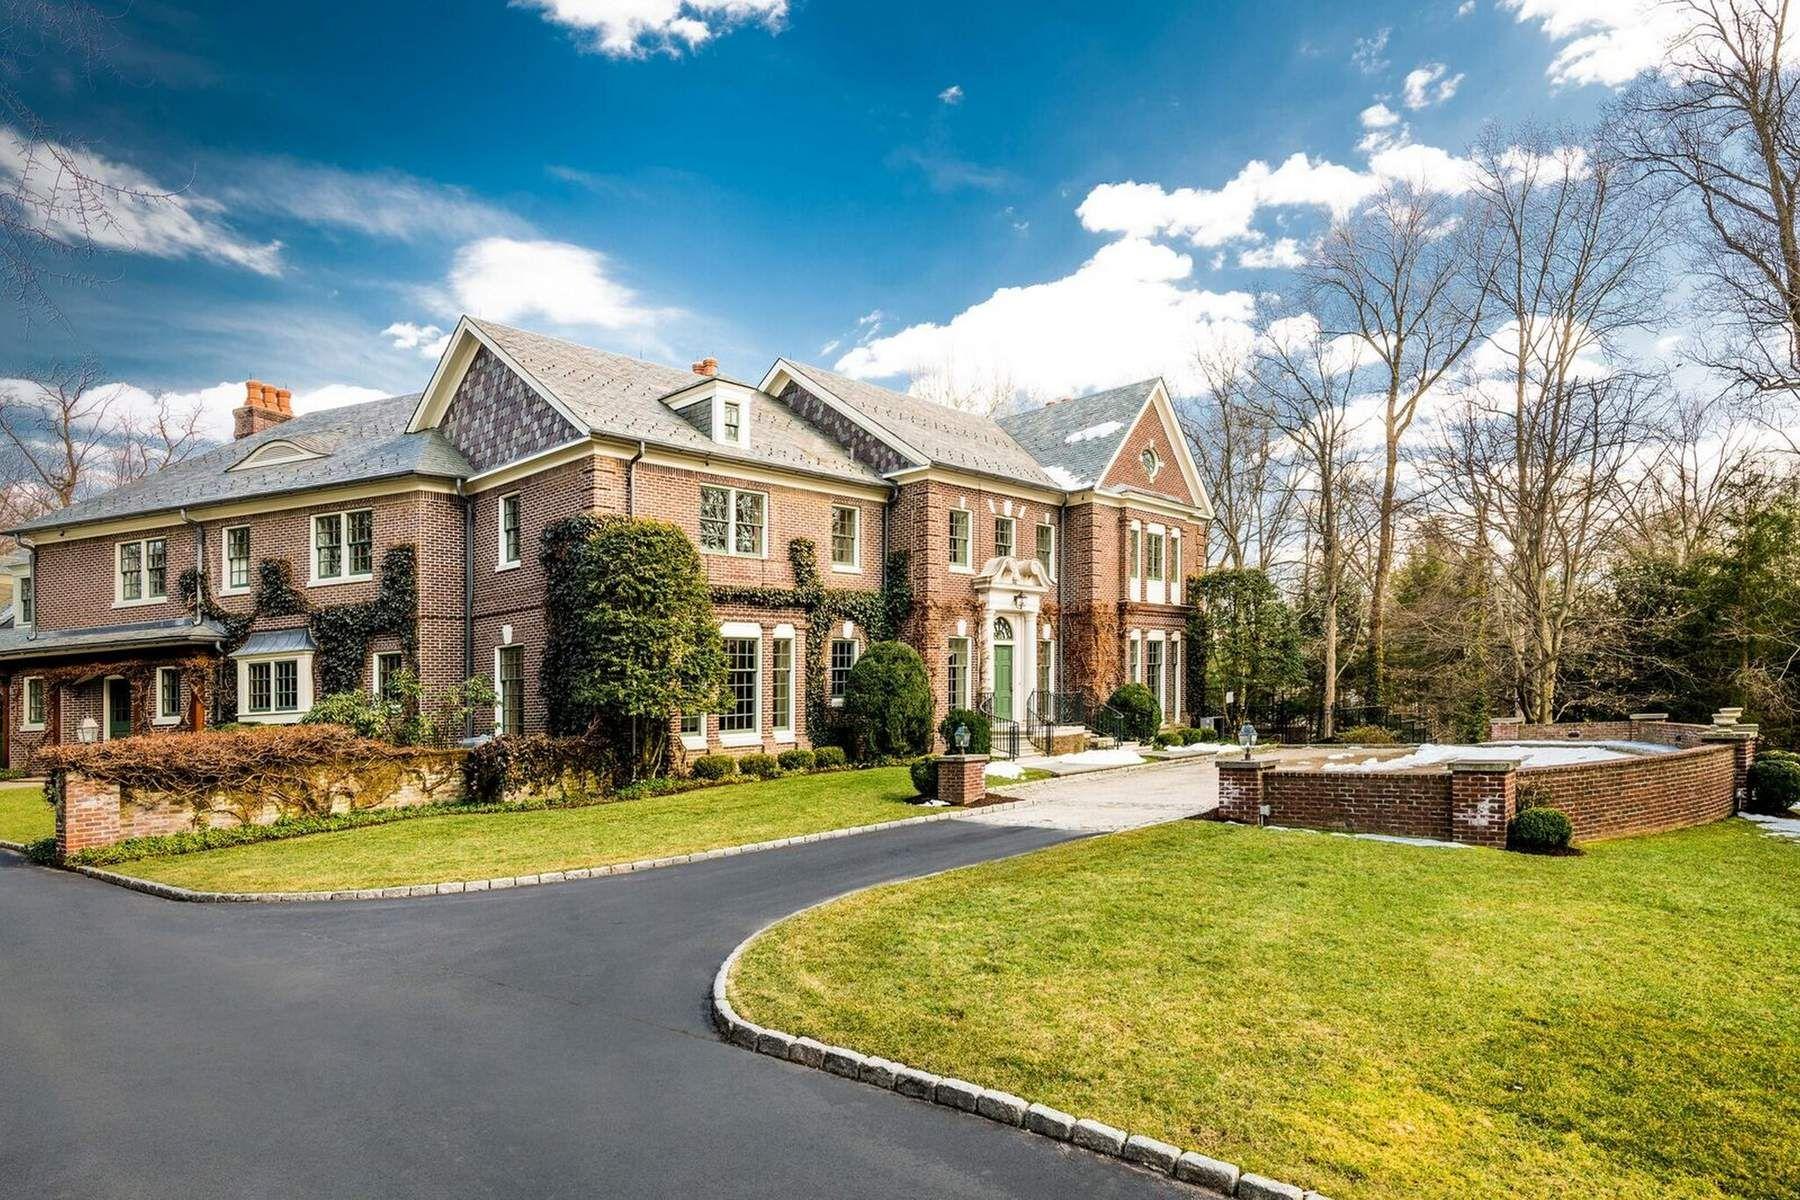 Casa Unifamiliar por un Venta en 33 Vineyard Lane South Of Parkway, Greenwich, Connecticut, 06831 Estados Unidos